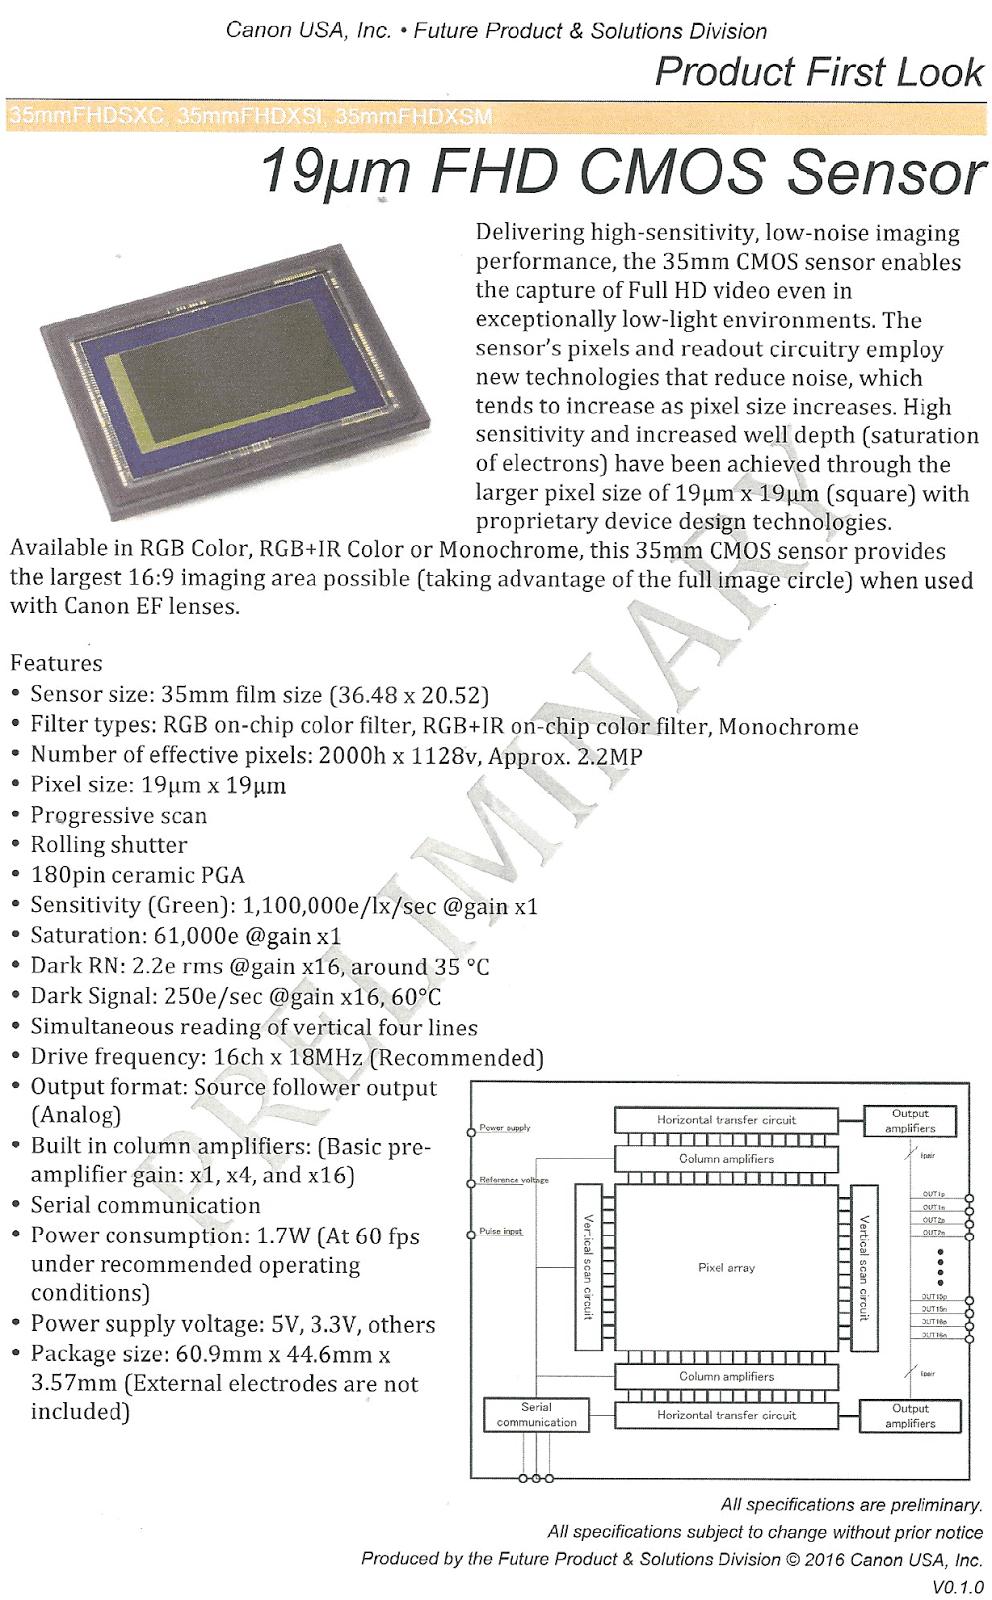 canon-fhd-cmos-sensor